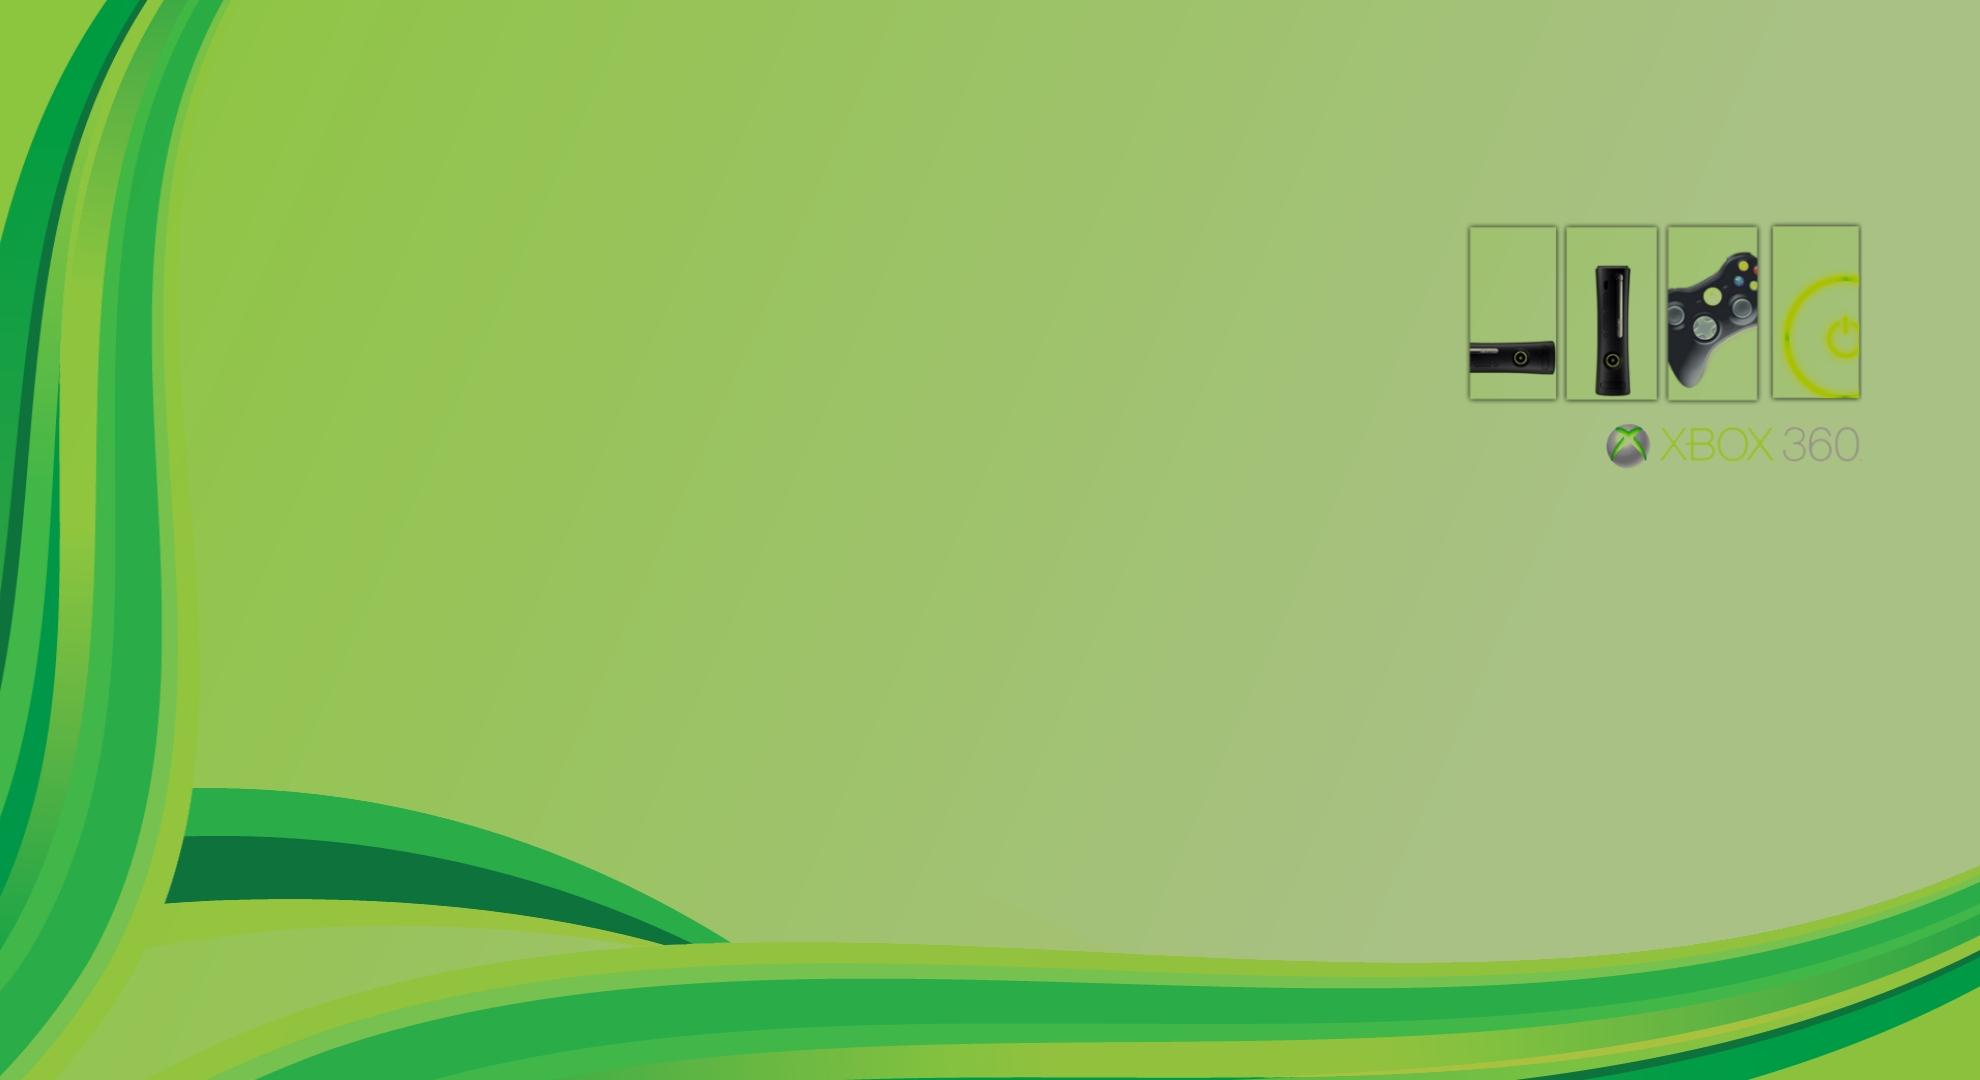 Xbox 360 Wallpaper Widescreen